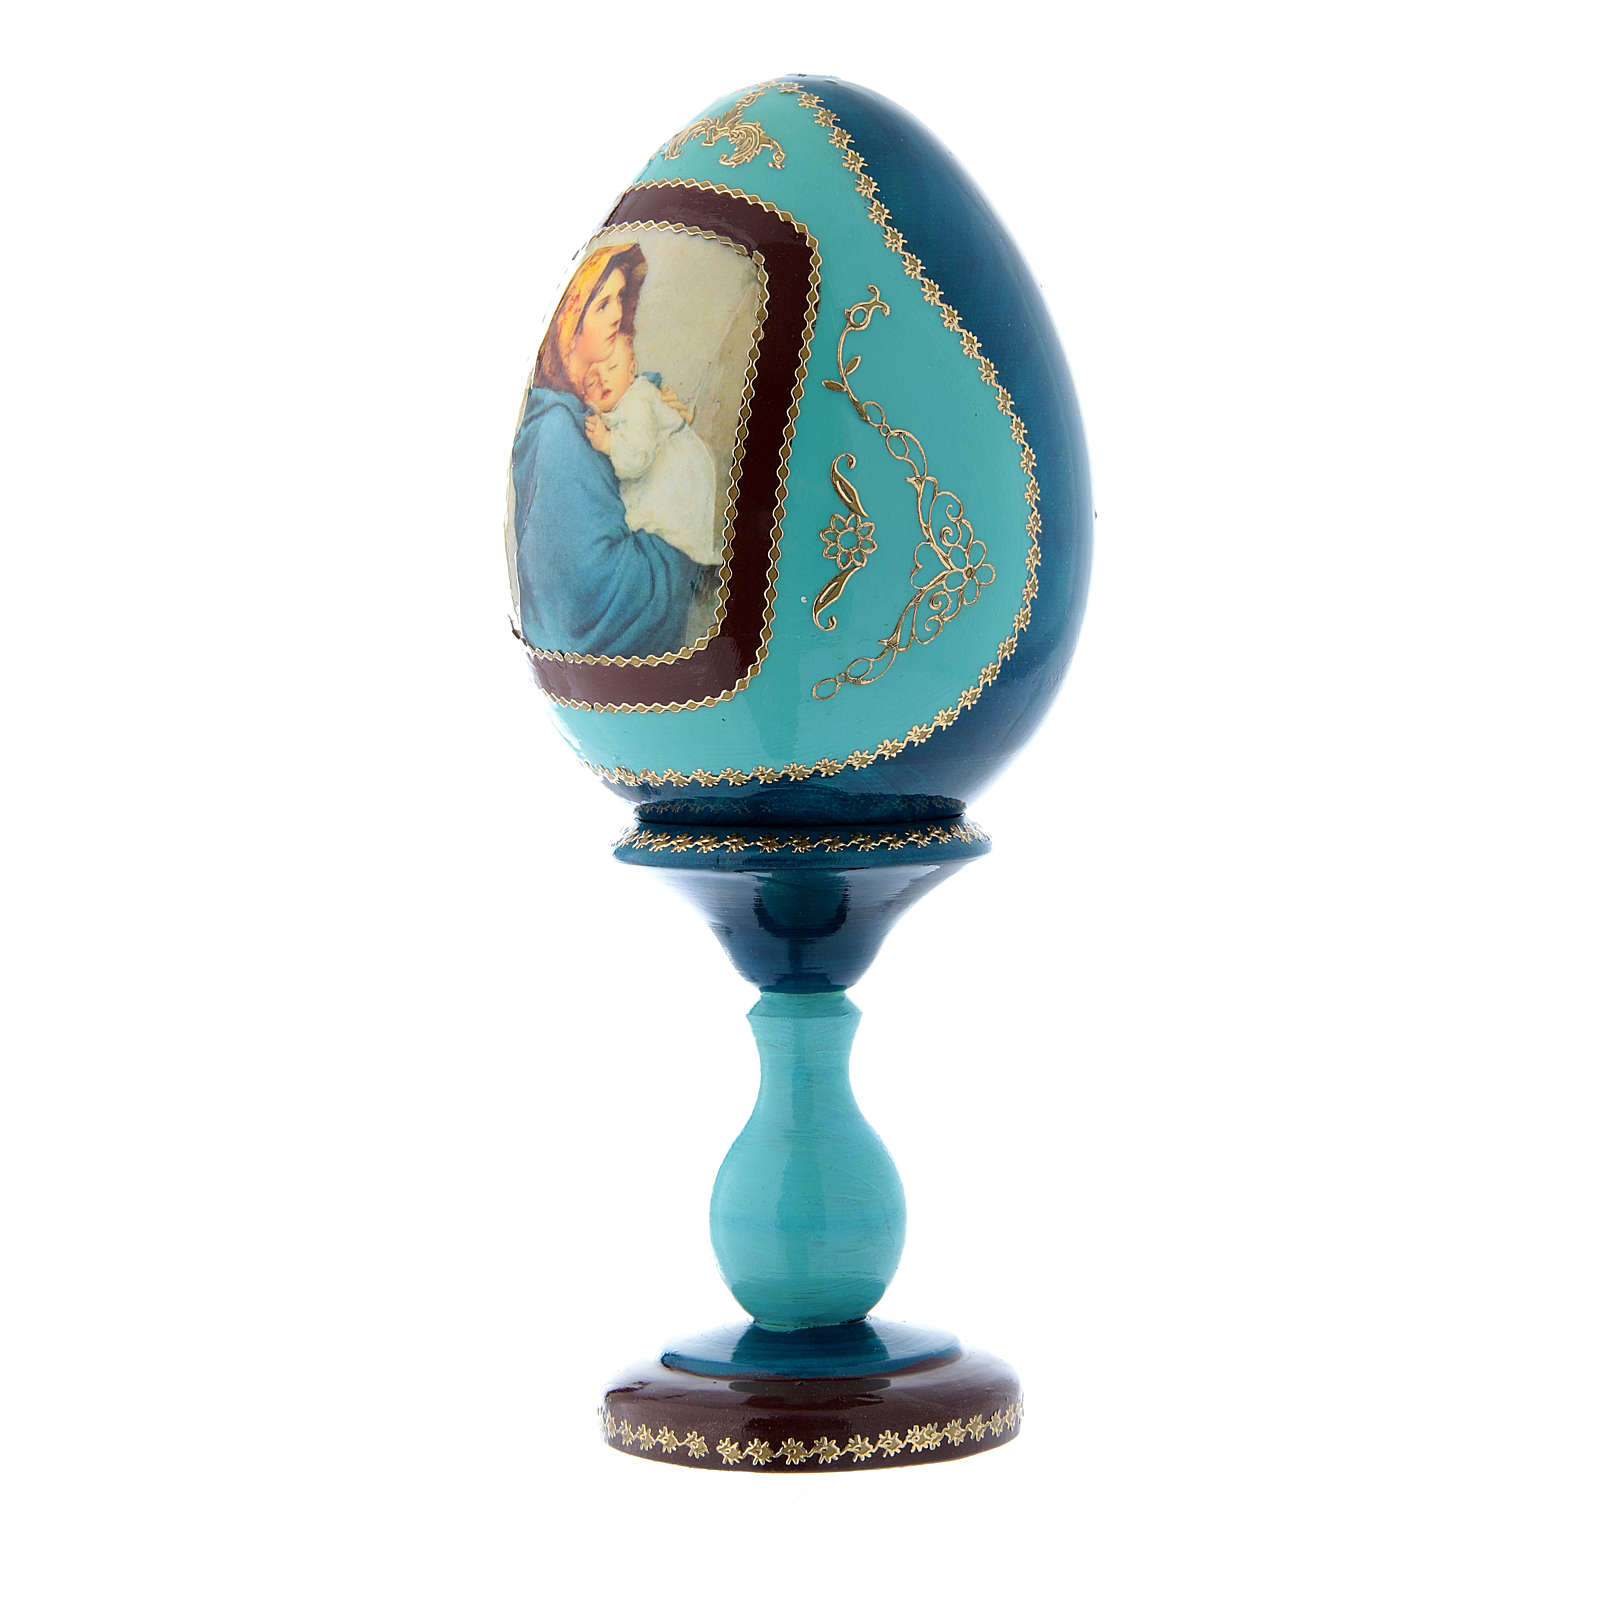 Oeuf en bois style Fabergé russe bleu La Madonnina h tot 20 cm 4